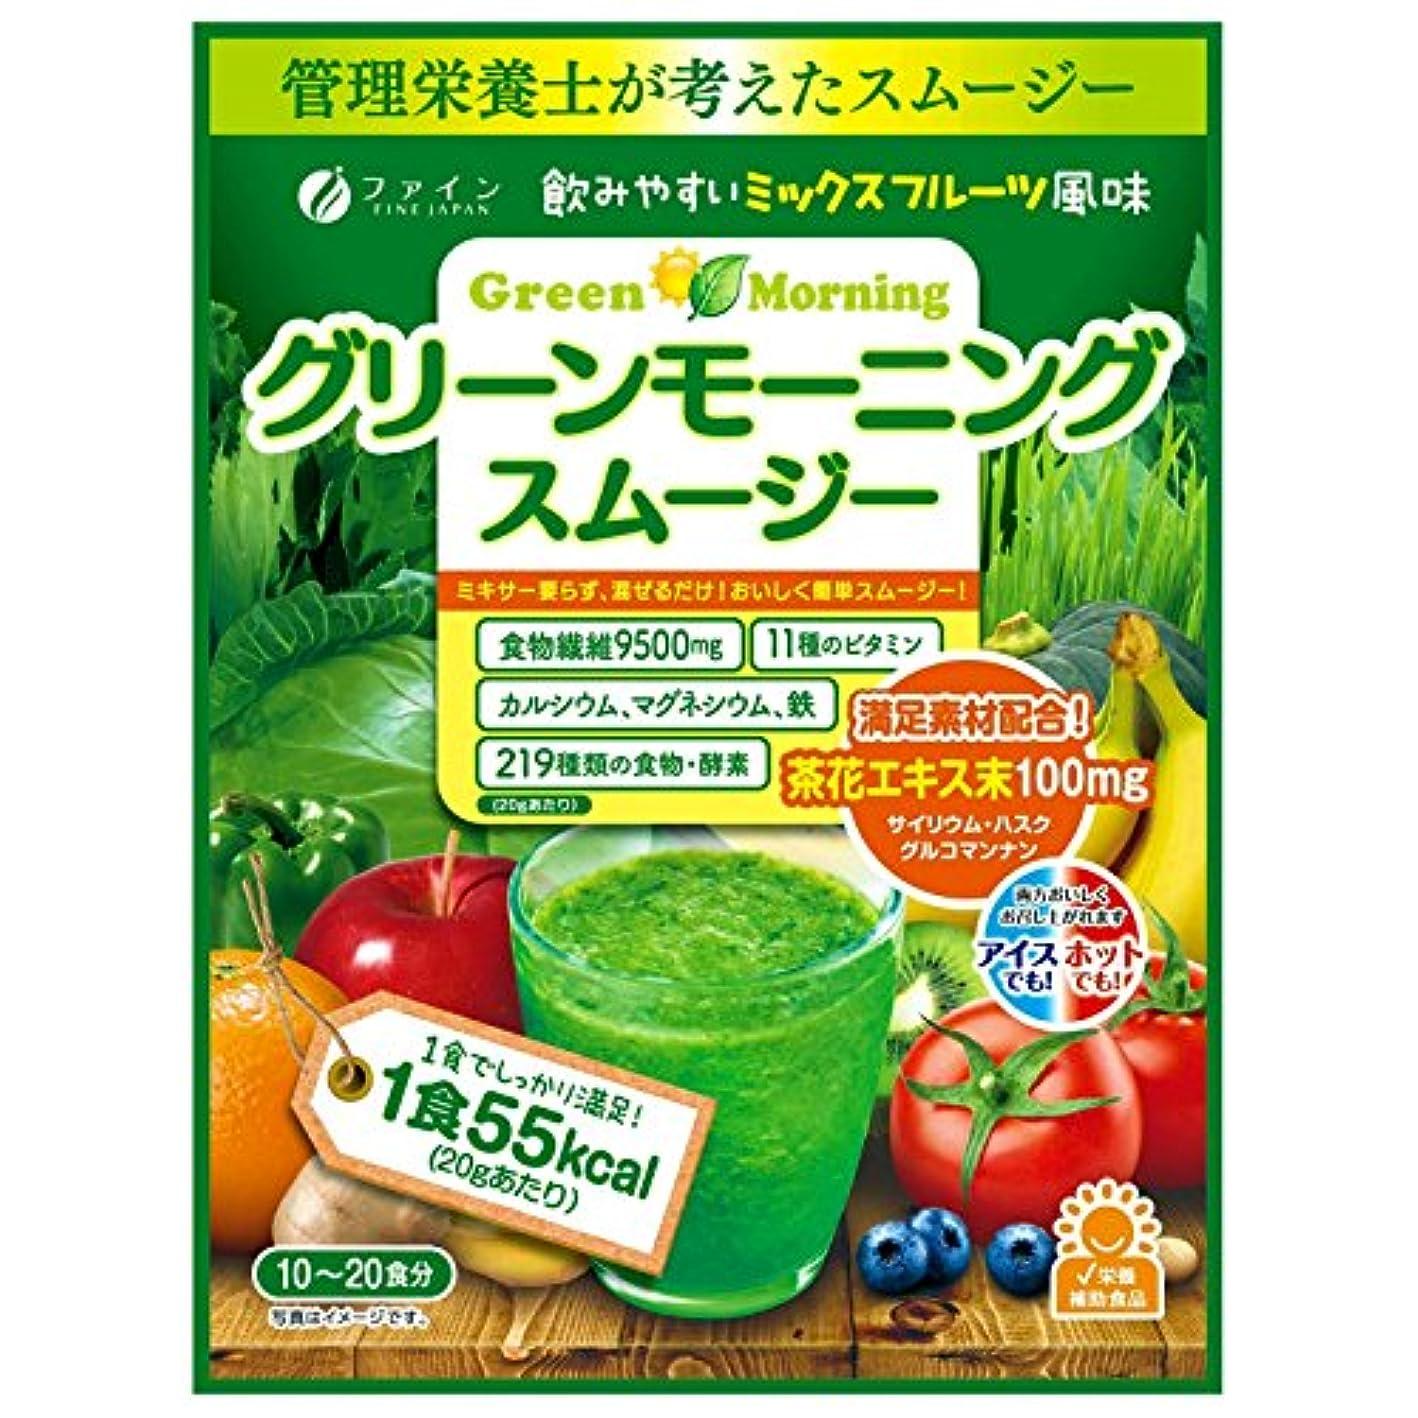 禁輸教室磁石ファイン グリーンモーニングスムージー ミックスフルーツ風味 200g×4個セット